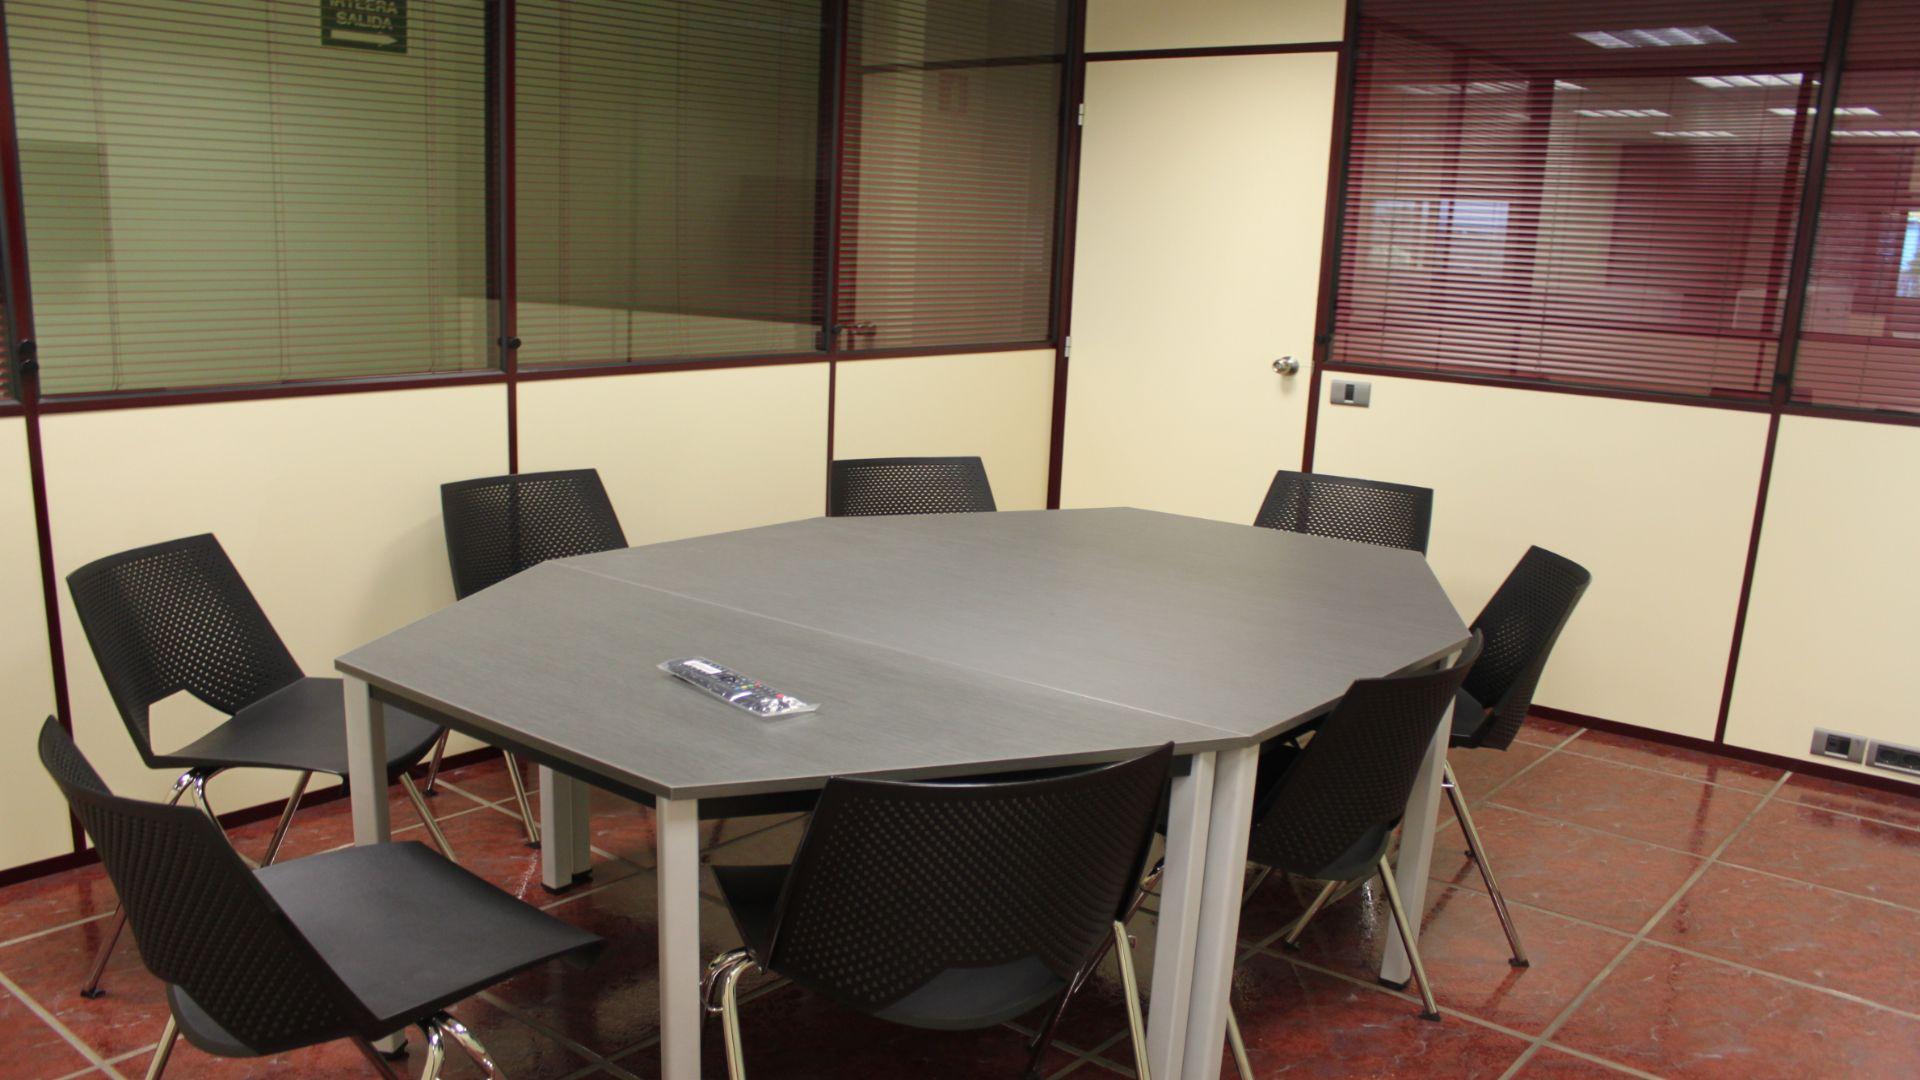 mesa con sillas en la sala de reuniones de asuakoworking